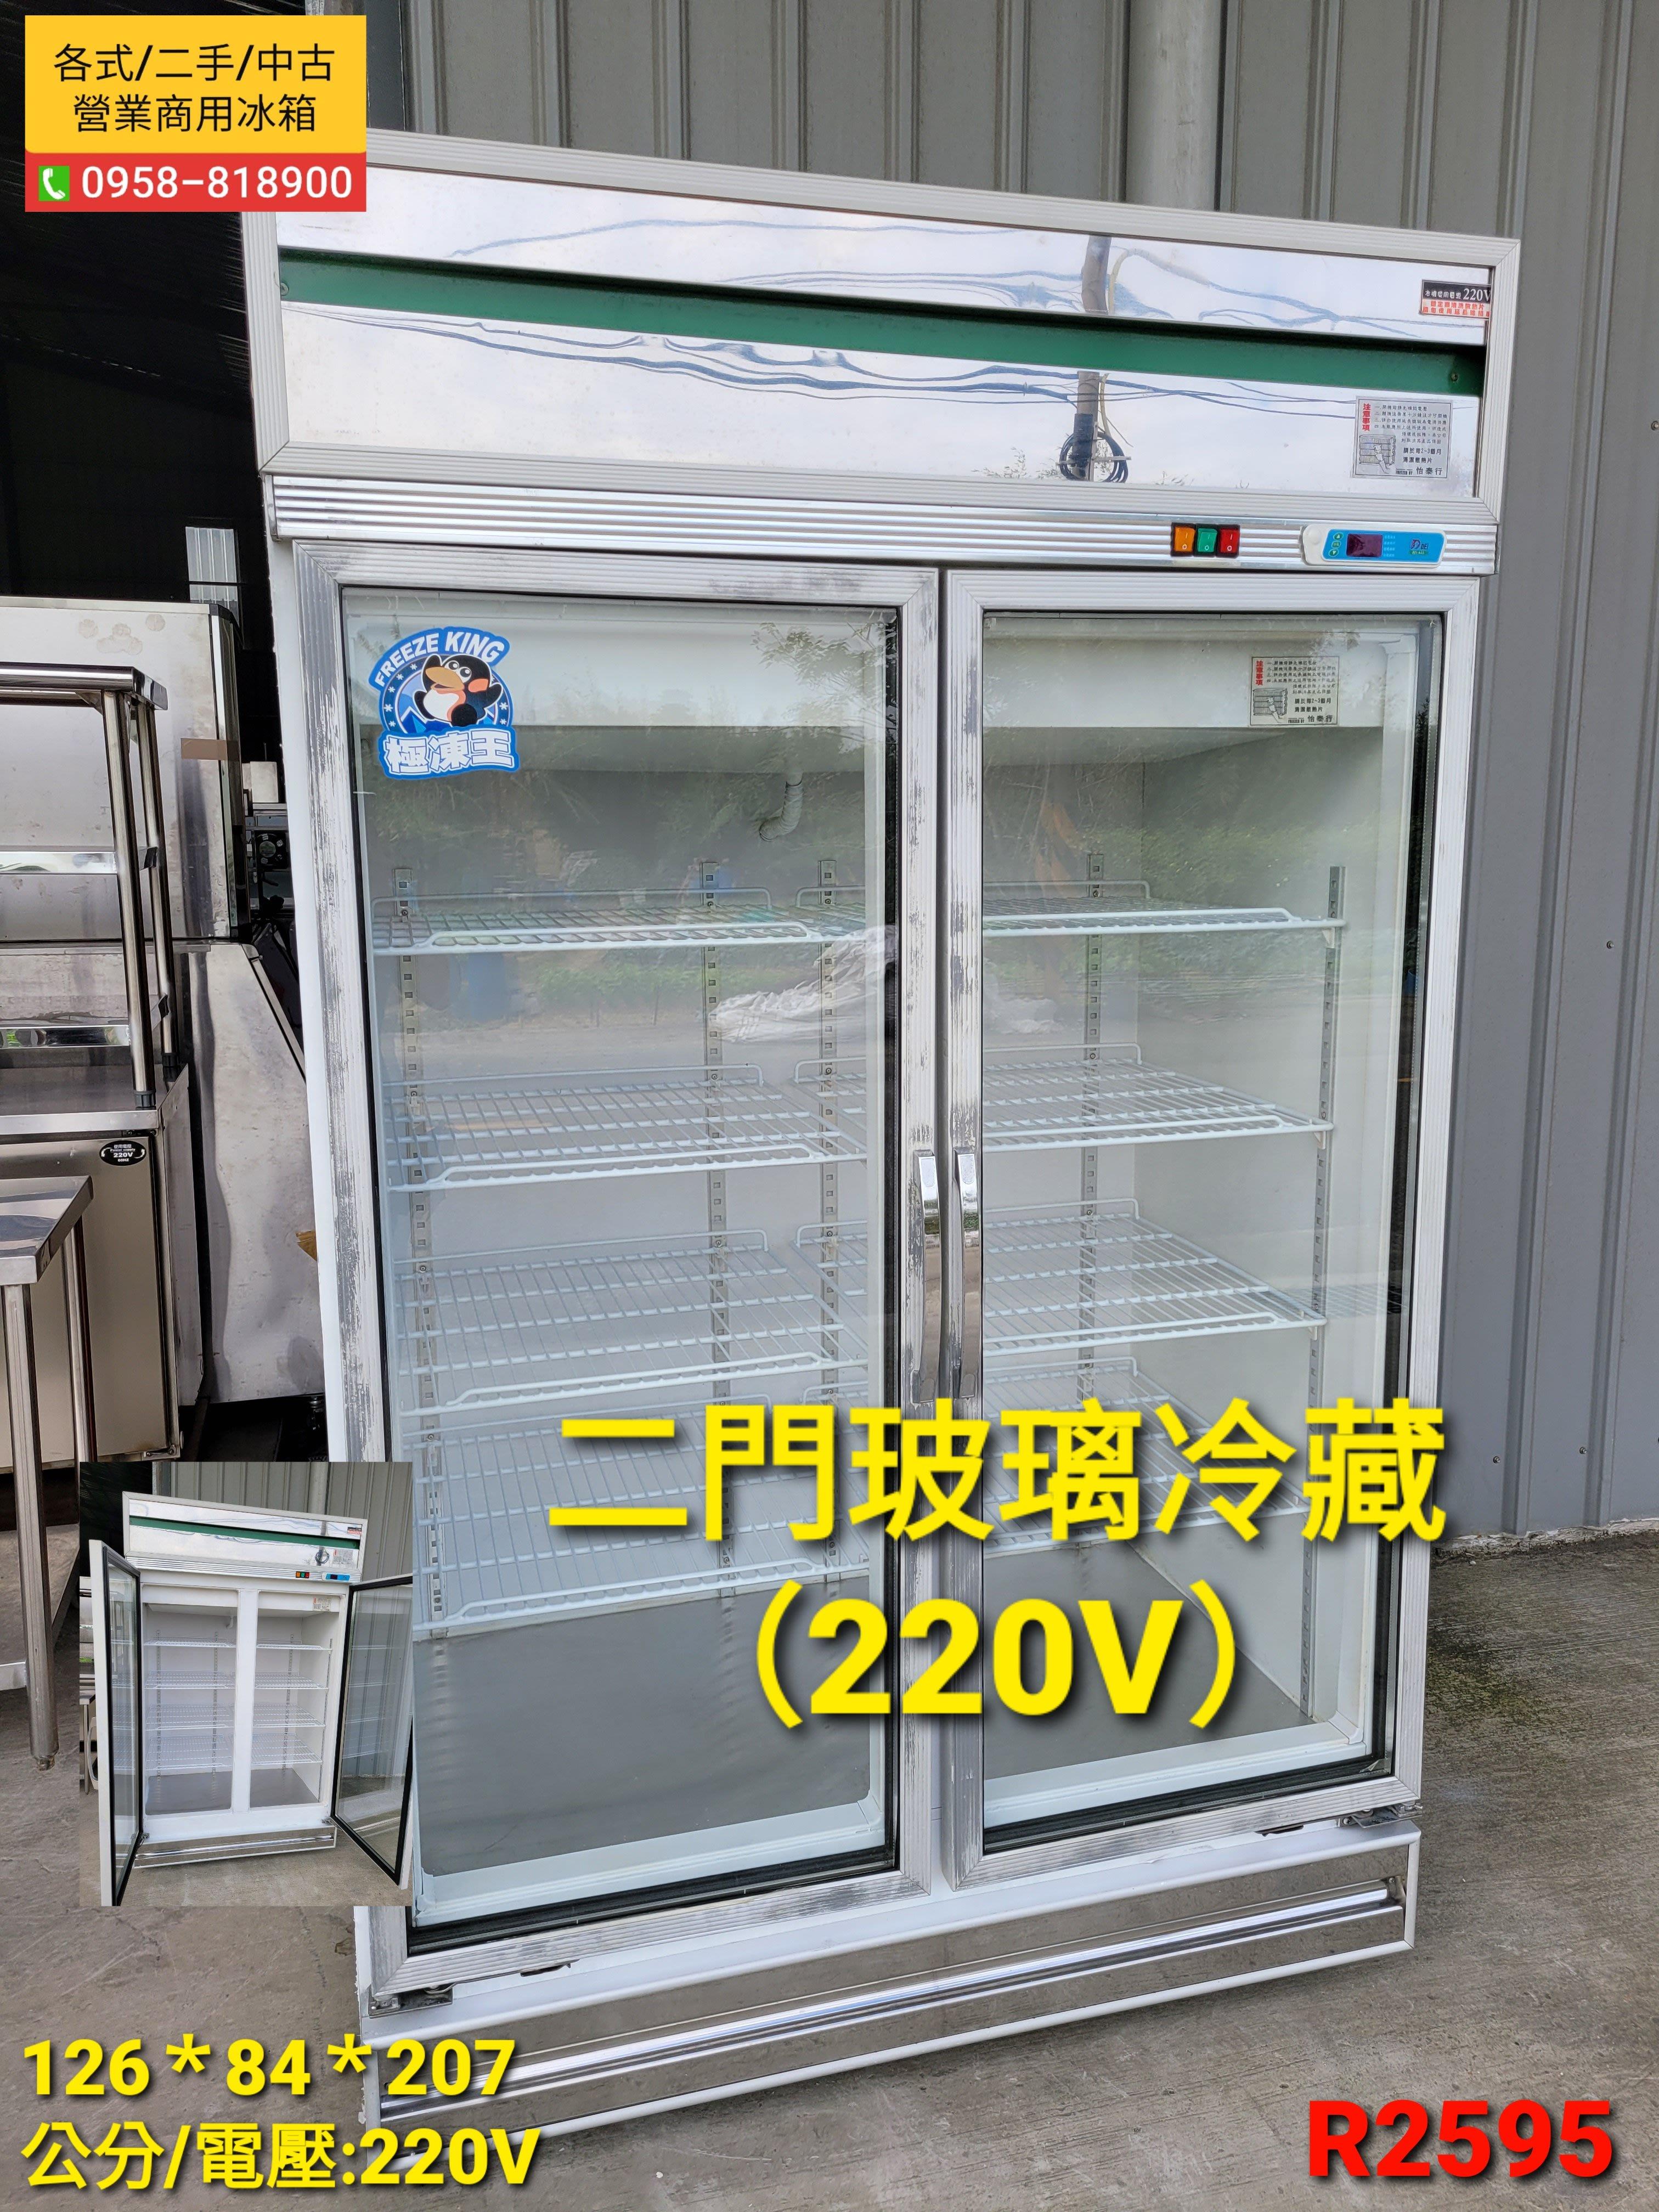 2門/二門/雙門玻璃冷藏展示冰箱/營業用玻璃冰箱/飲料櫃/970L玻璃冷藏冰箱/展示櫥/西點櫥/對開式冰箱/R2595